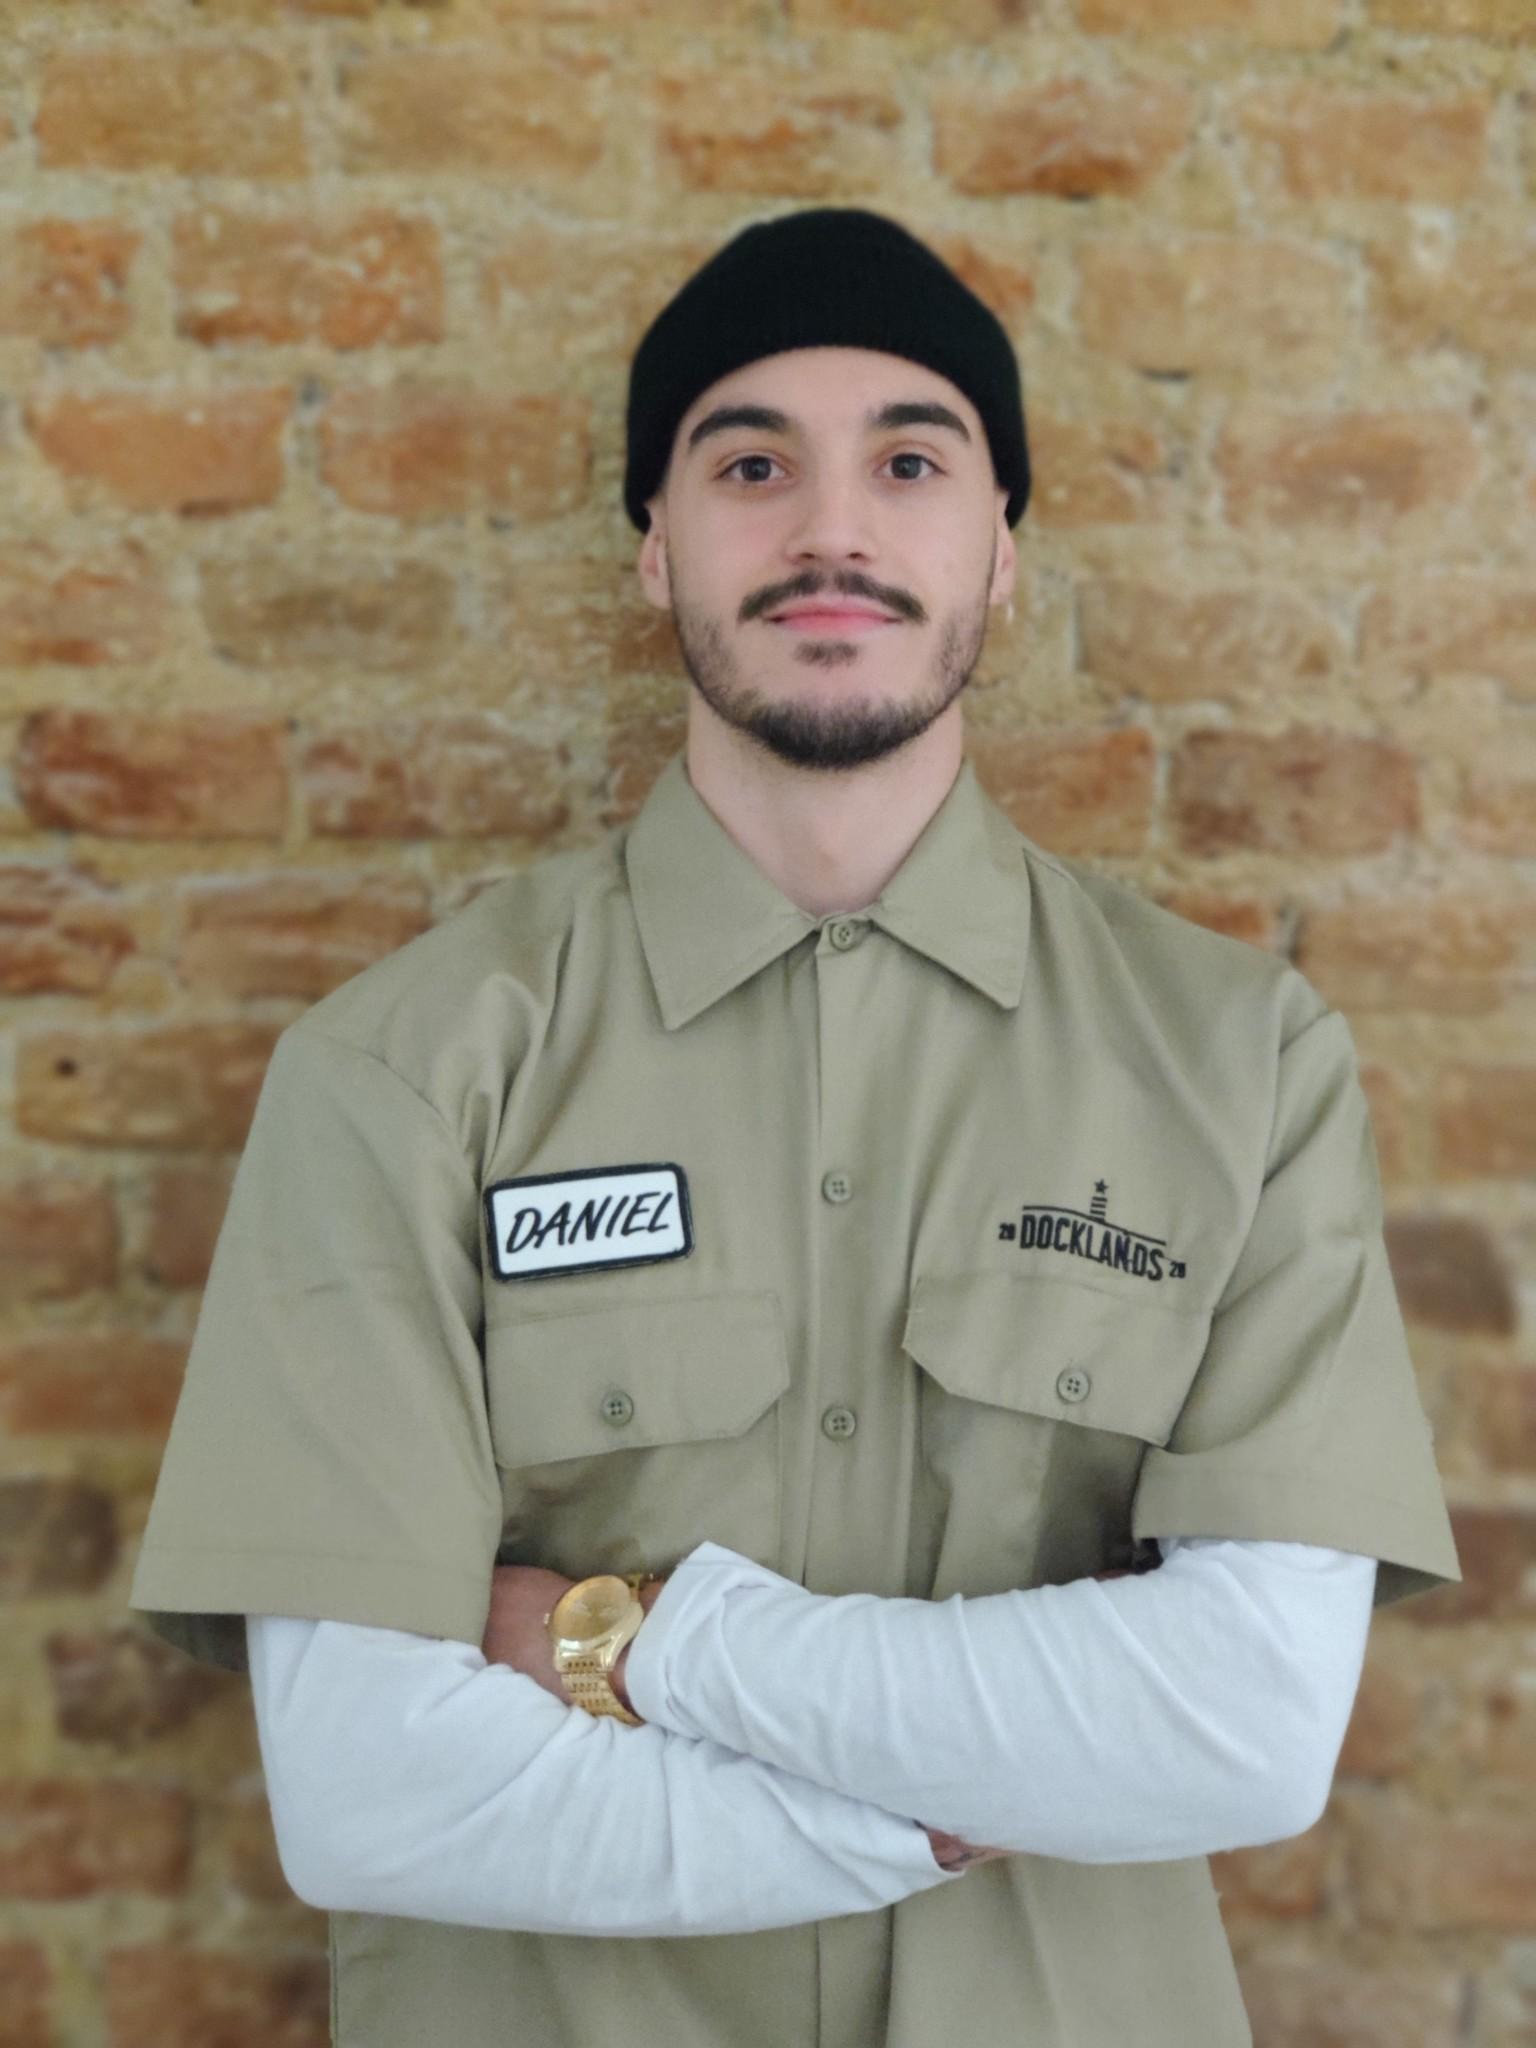 Babero Daniel